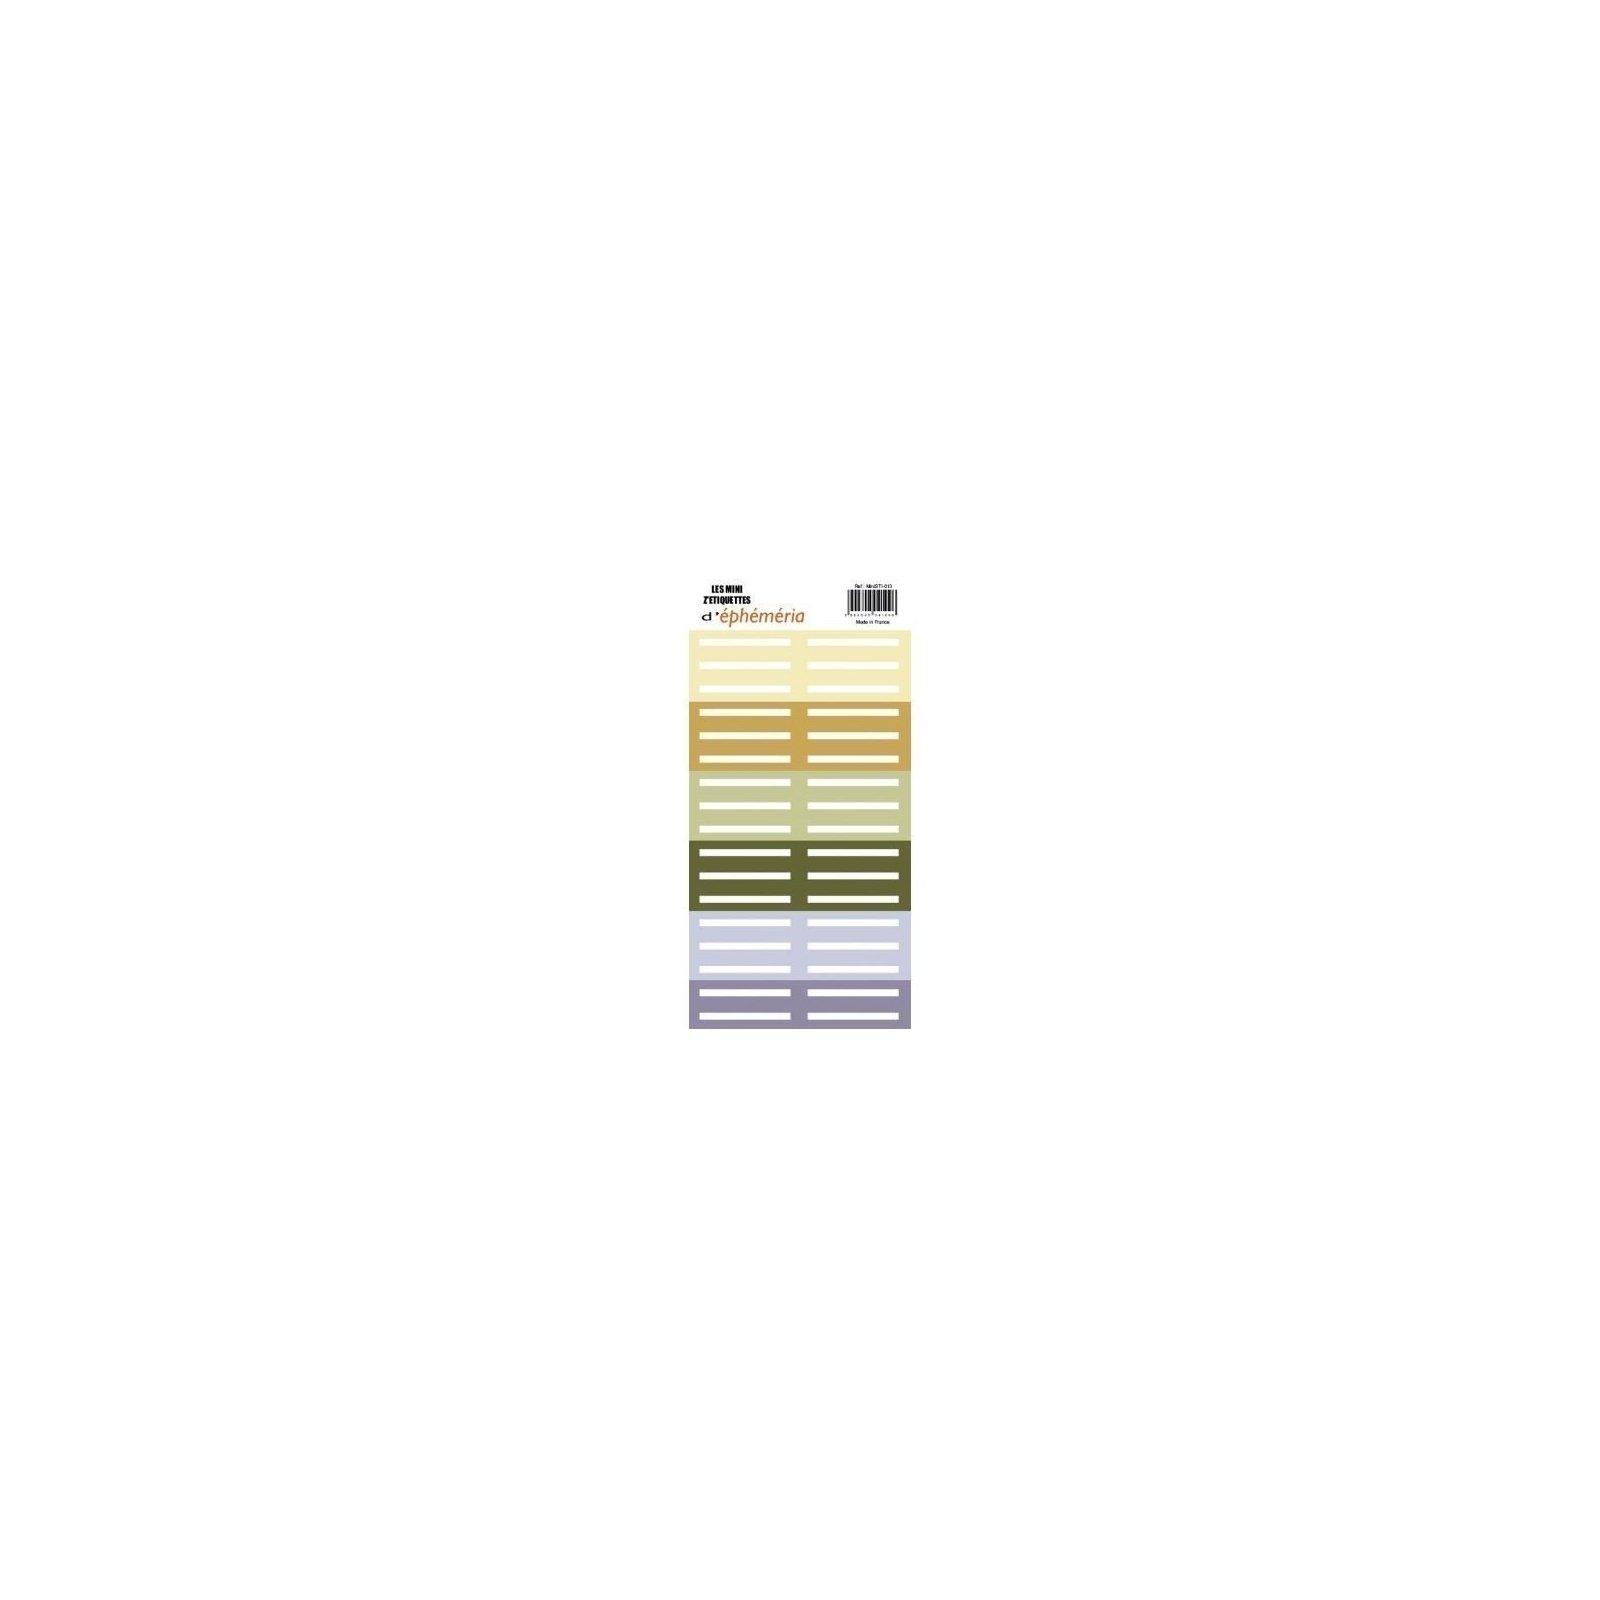 Les mini z'étiquettes - Naturelle - Ephemeria